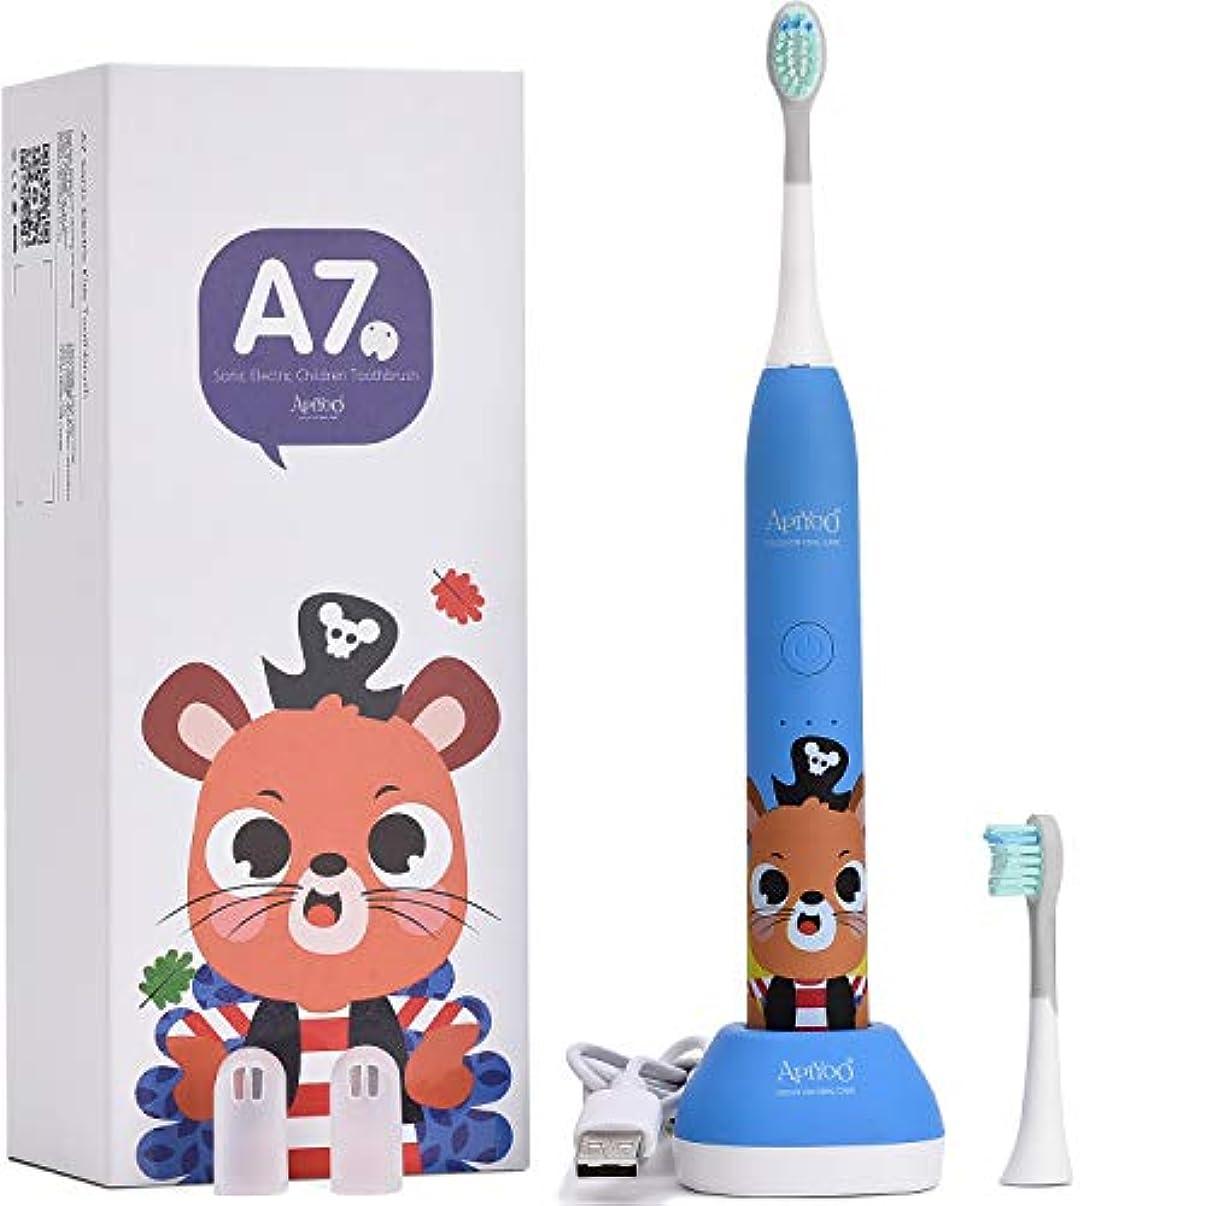 高く親密な小数子供用歯ブラシ、APIYOO A7ワイヤレス充電式電動歯ブラシ、IPX7防水、三種類ブラッシングモード、子供に対応の2分間スマートタイマー機能付き(ブルー)